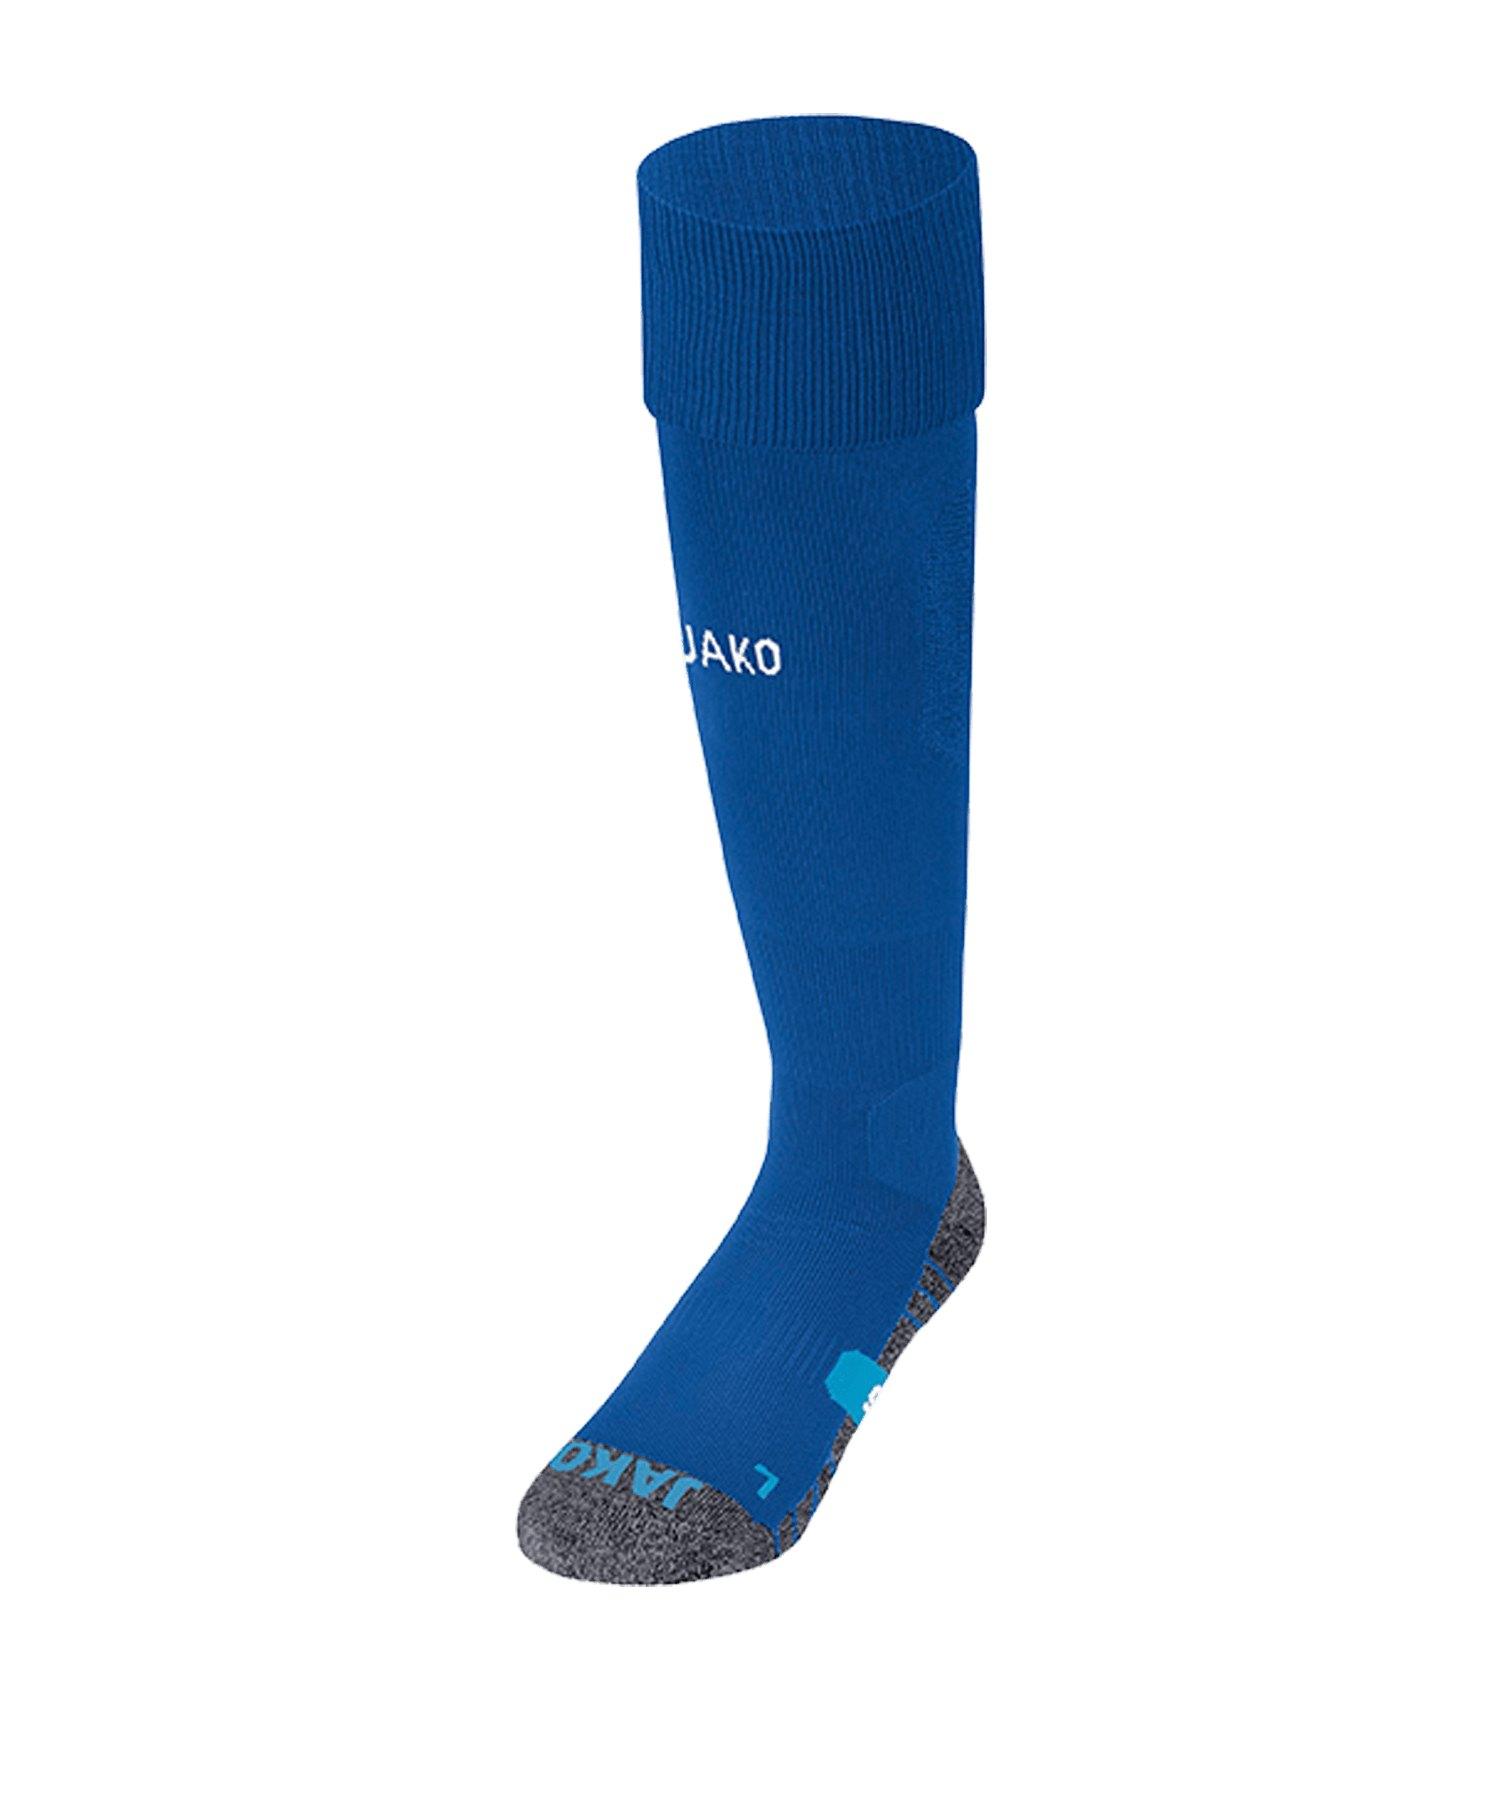 JAKO Premium Stutzenstrumpf Blau F04 - blau